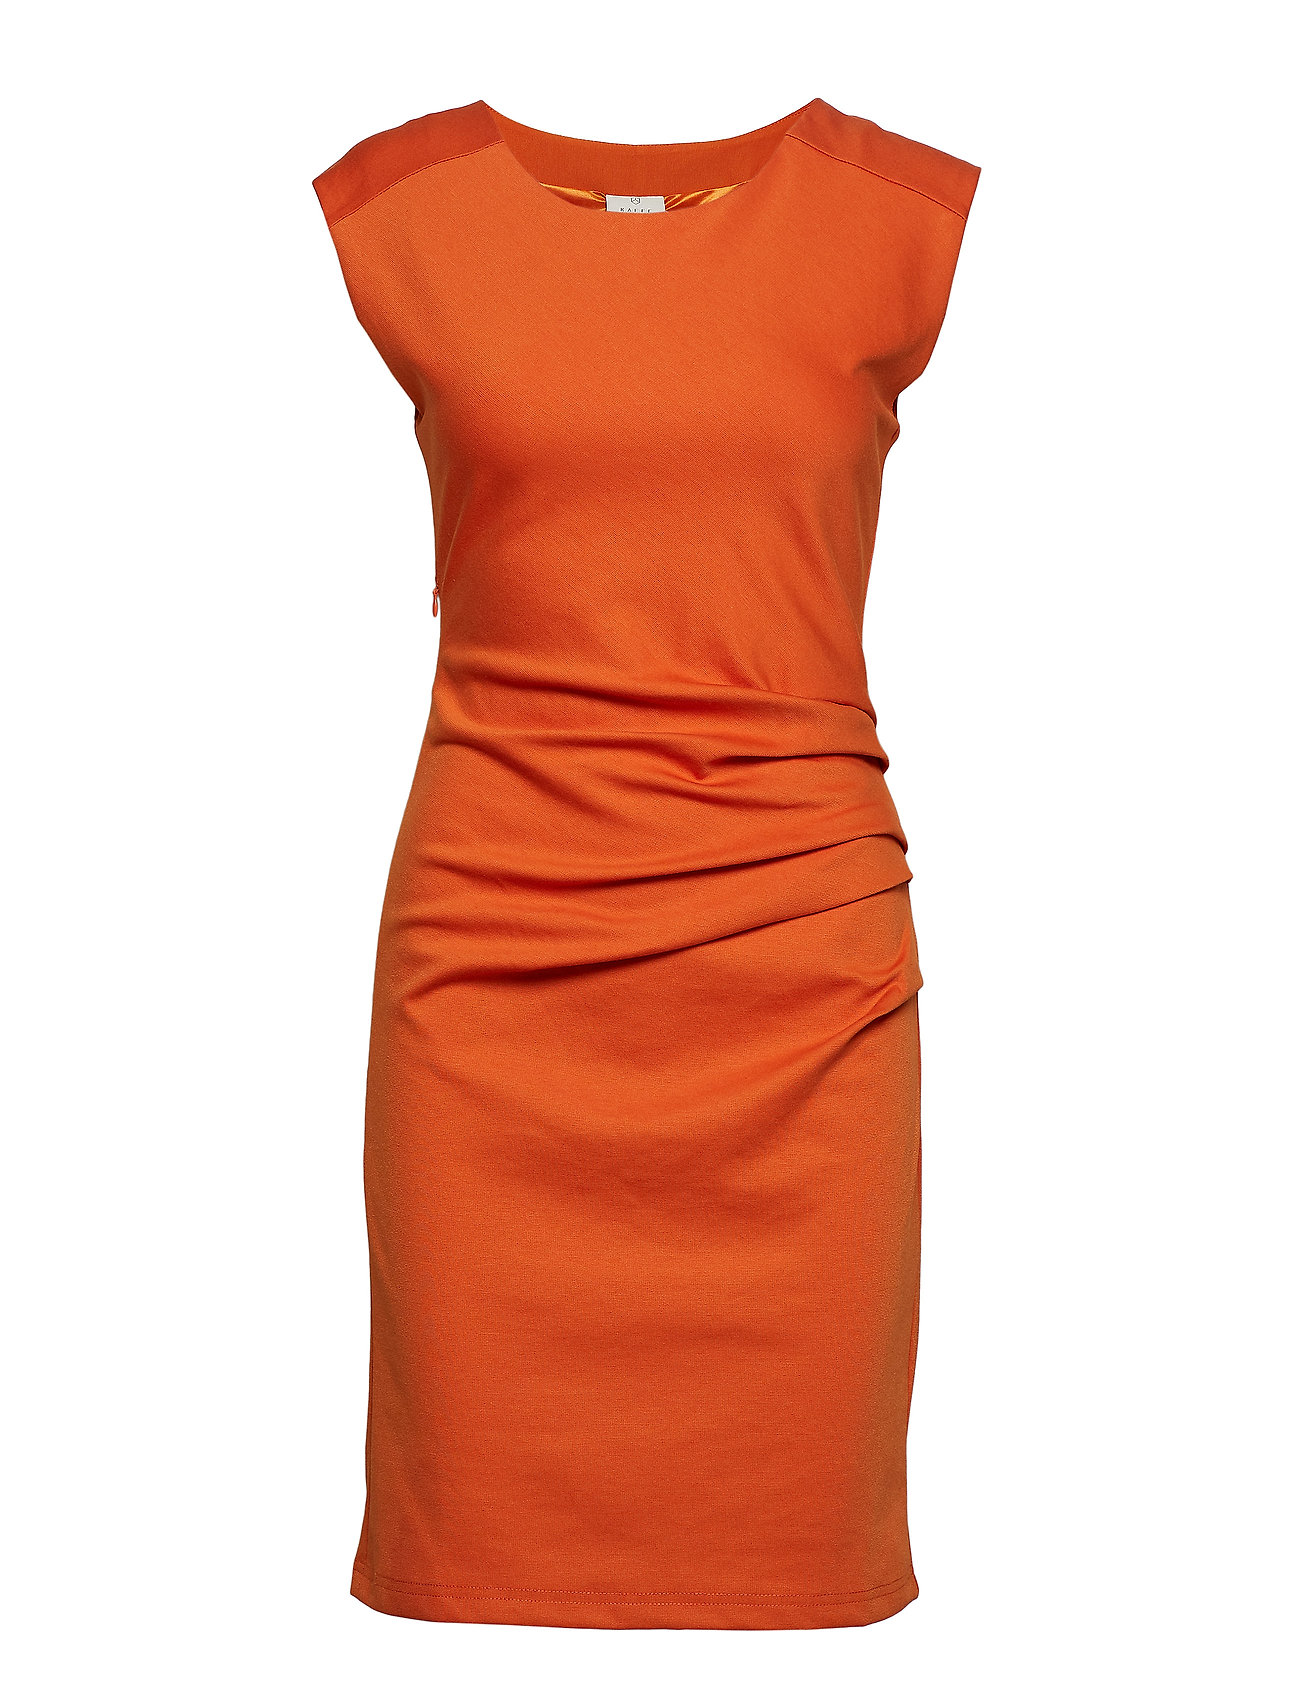 Kaffe India Round-Neck Dress - BURNT ORANGE